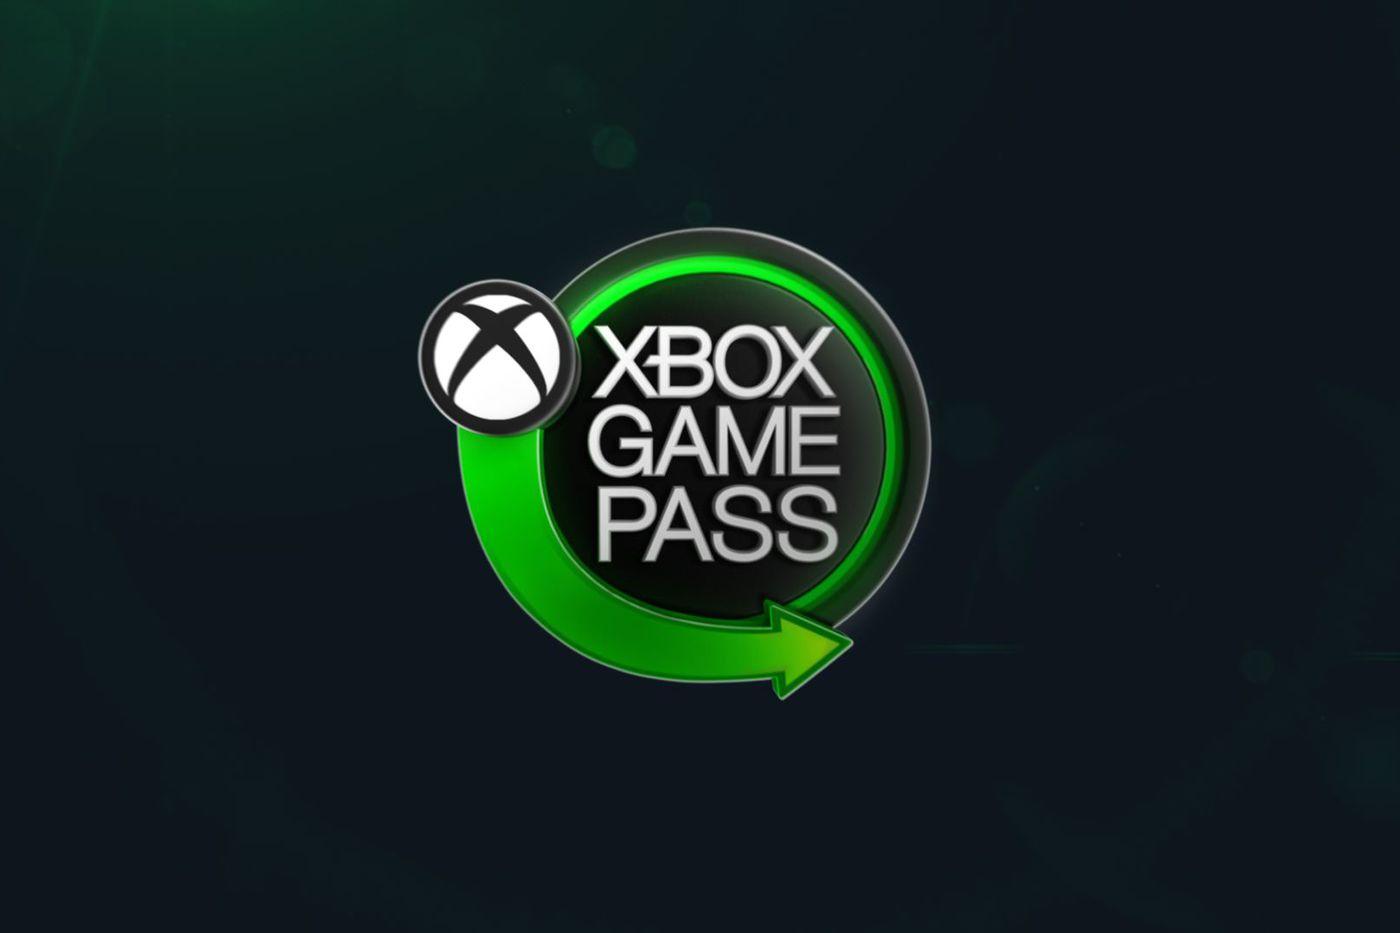 بازی های ماه ژوئن Xbox Game Pass